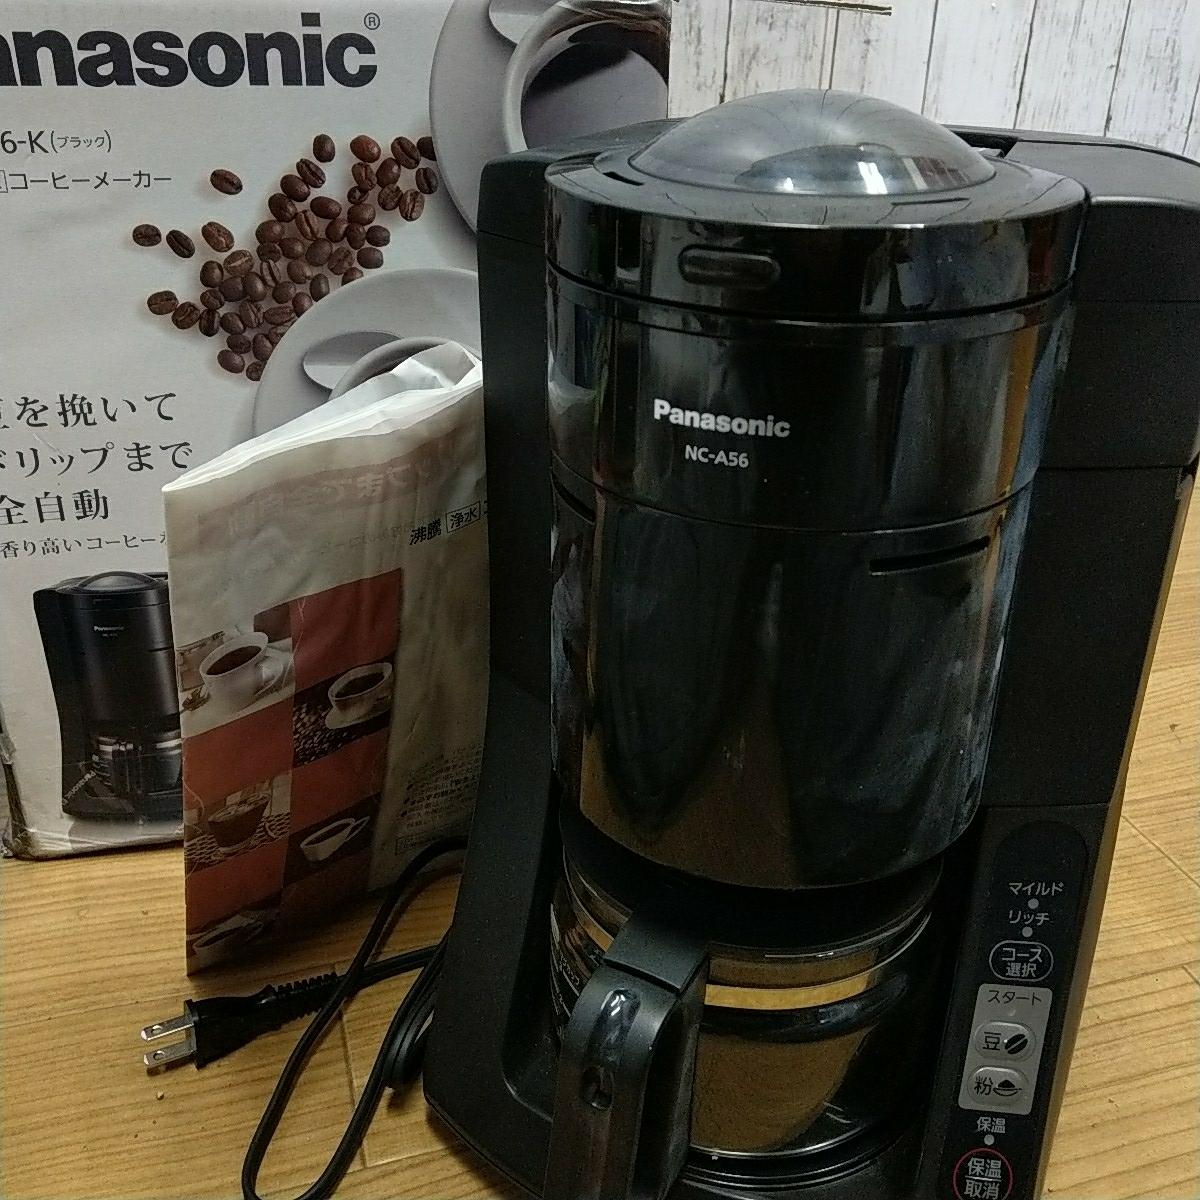 パナソニック 沸騰コーヒーメーカー NC-A56-Aブラック